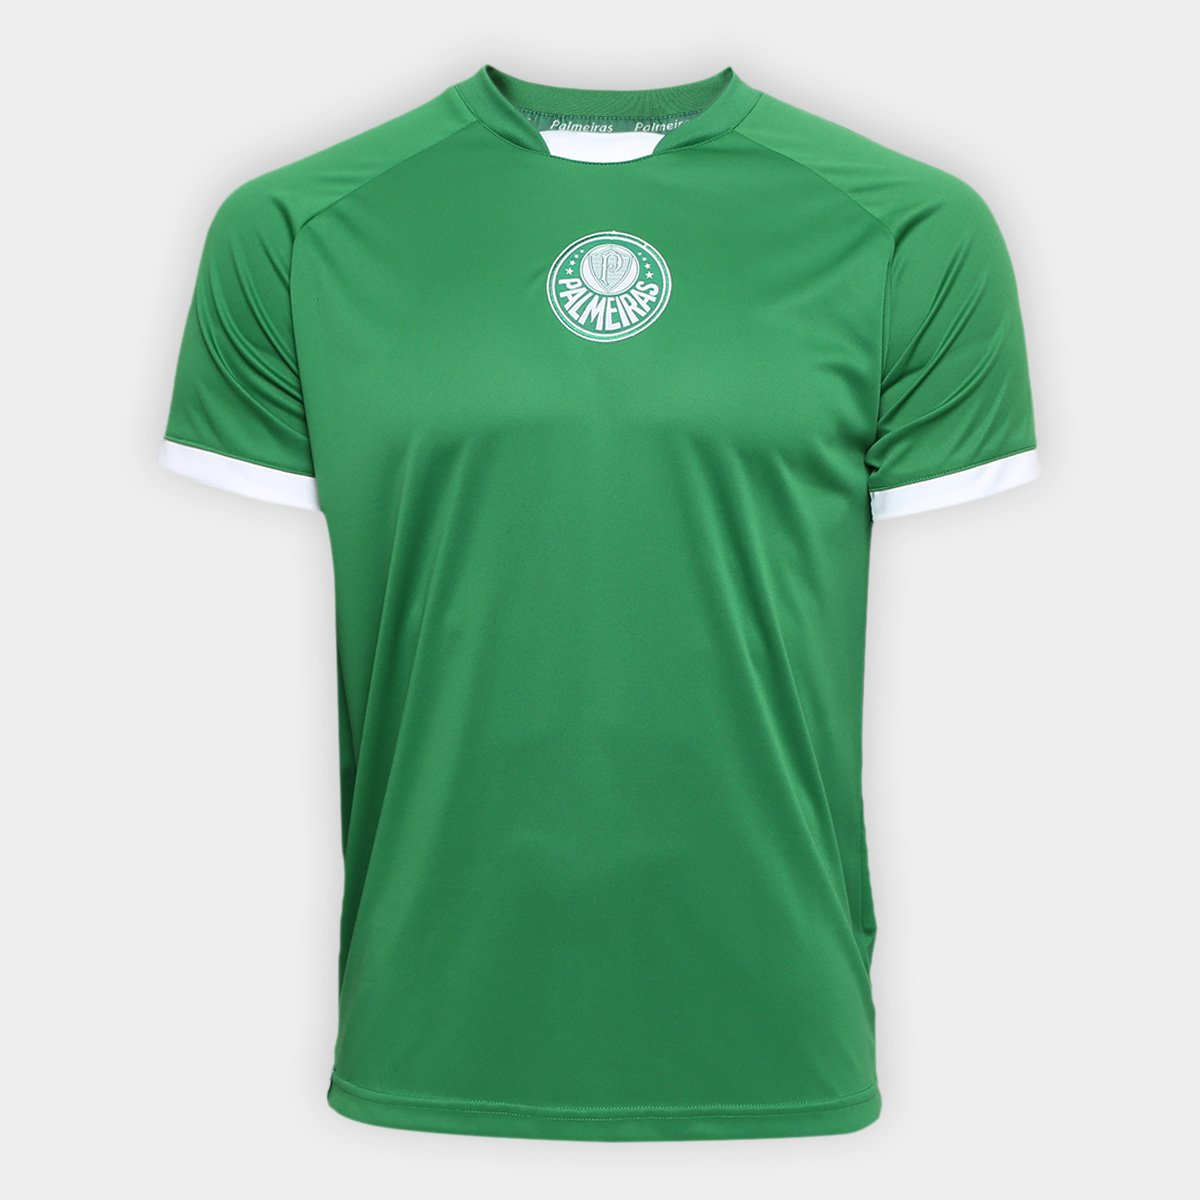 Camisa Palmeiras Torcedor Masculina - Compre Agora  e0db0c78b978e